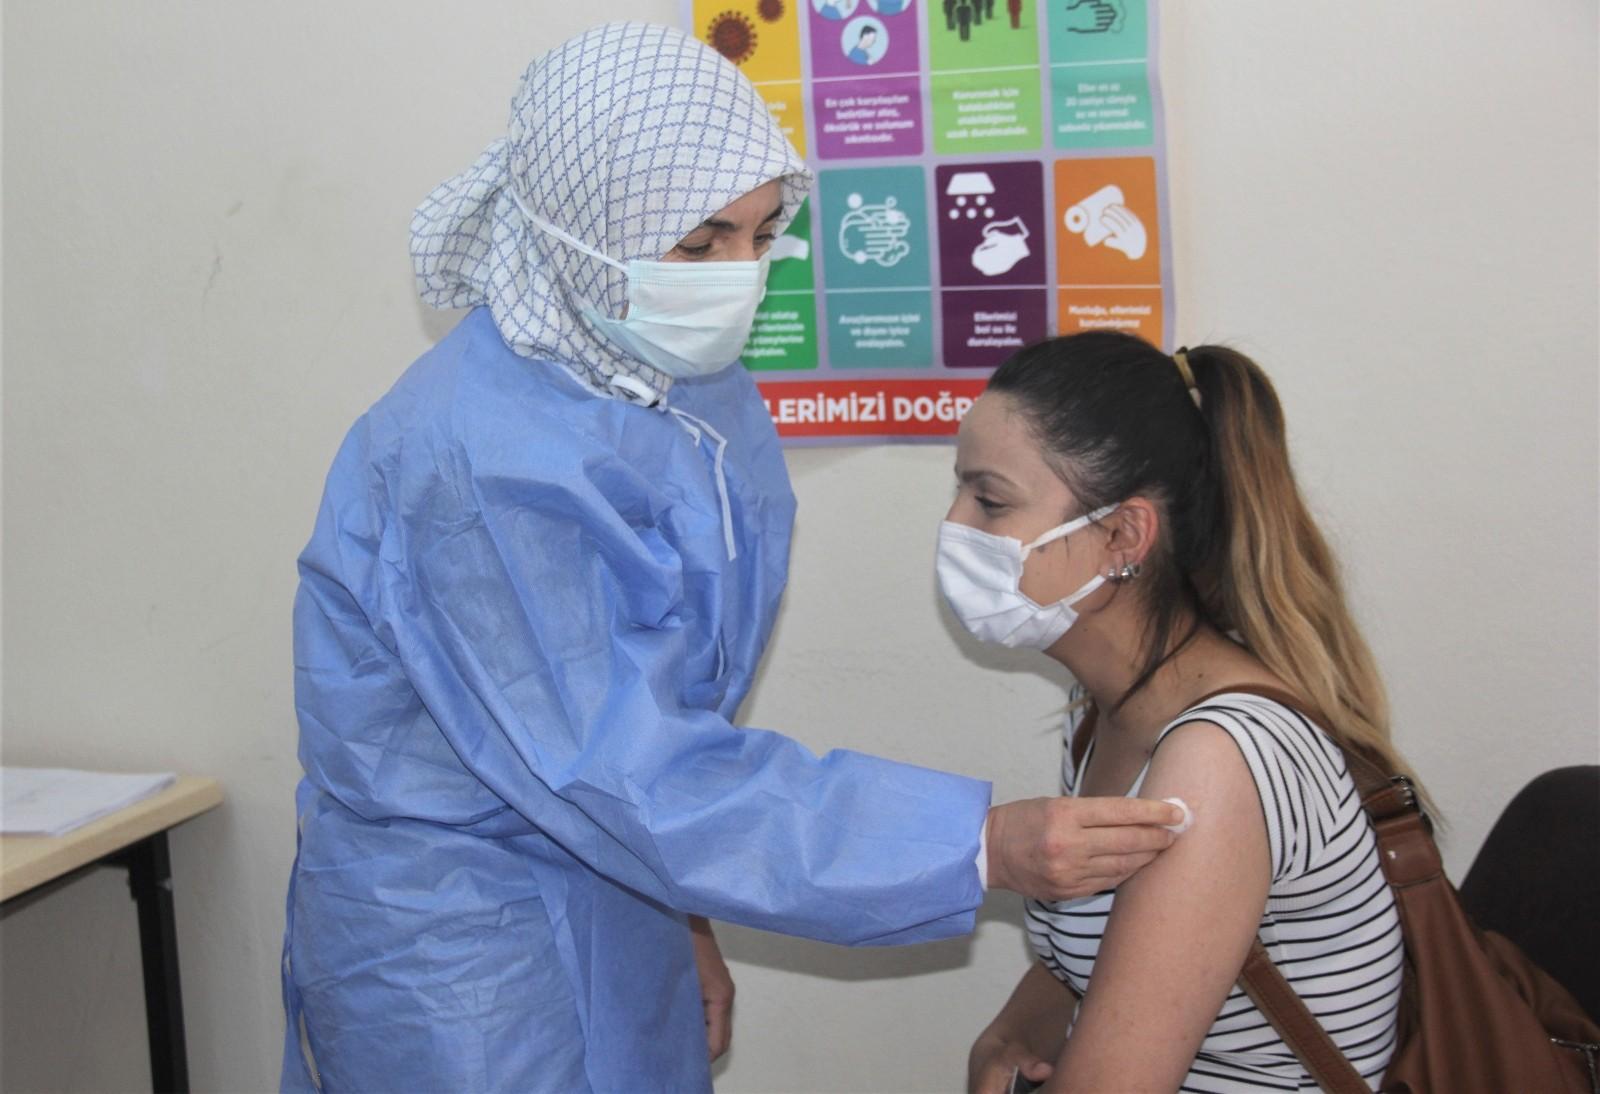 Erzincan OSB'de aşı işçilerin ayağına gitti